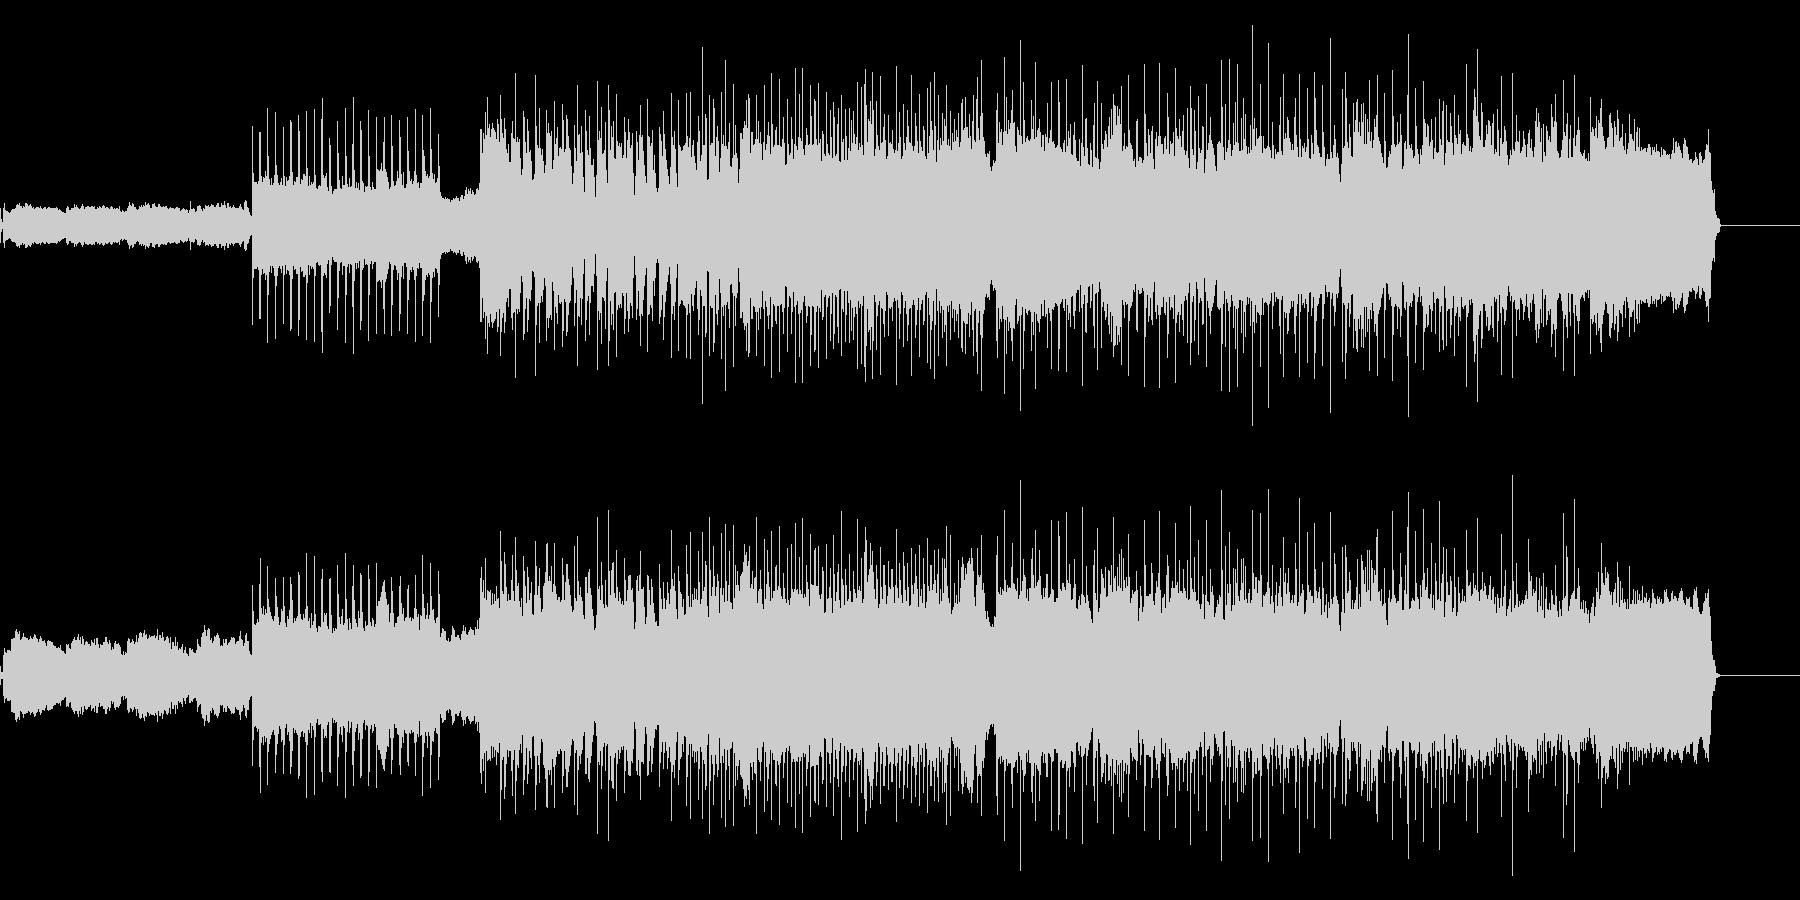 アンコール曲のようなエモバラードロックの未再生の波形